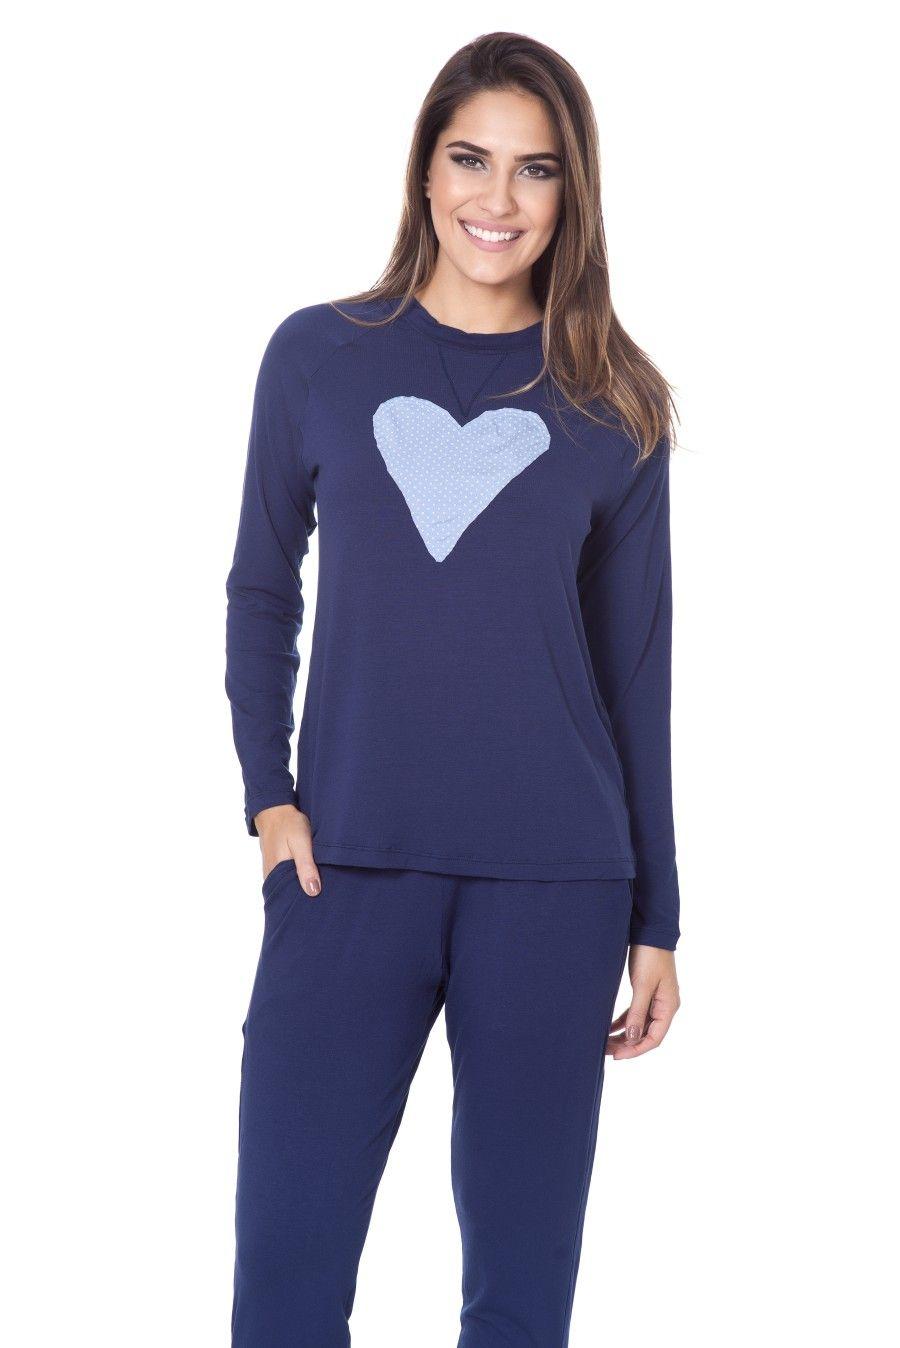 39ff5ada8 Pijama em malha. Blusa manga longa com aplique de coração e calça ...